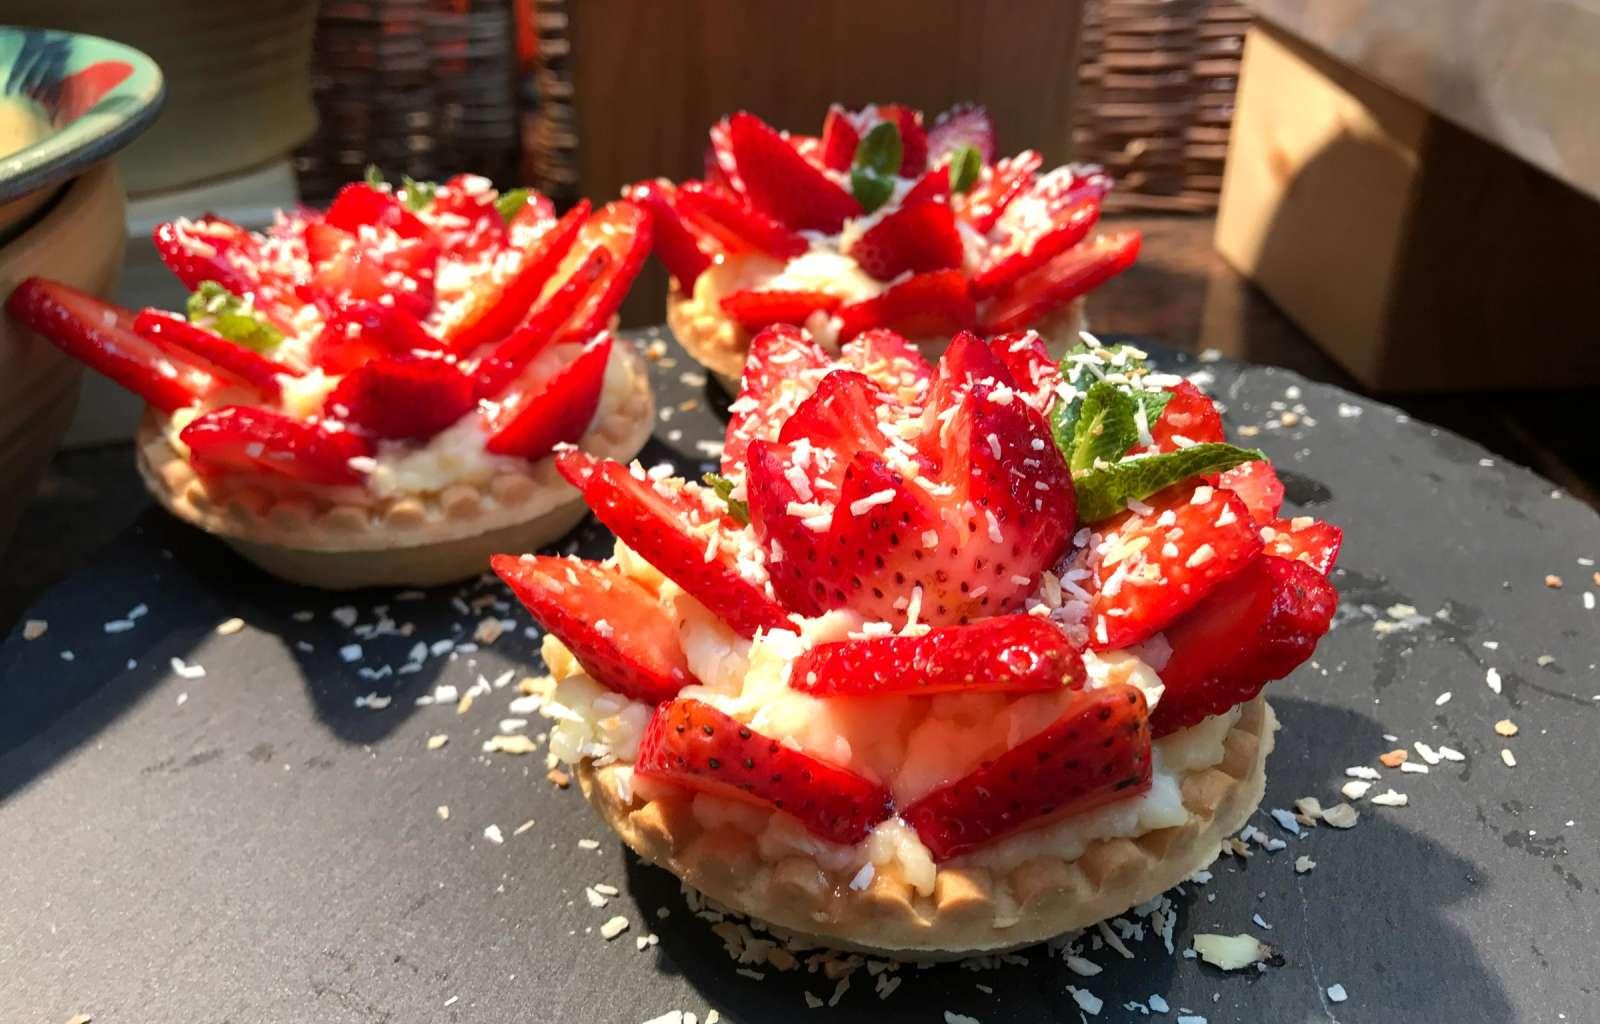 Erdbeer Törtchen, Erdbeer Dessert